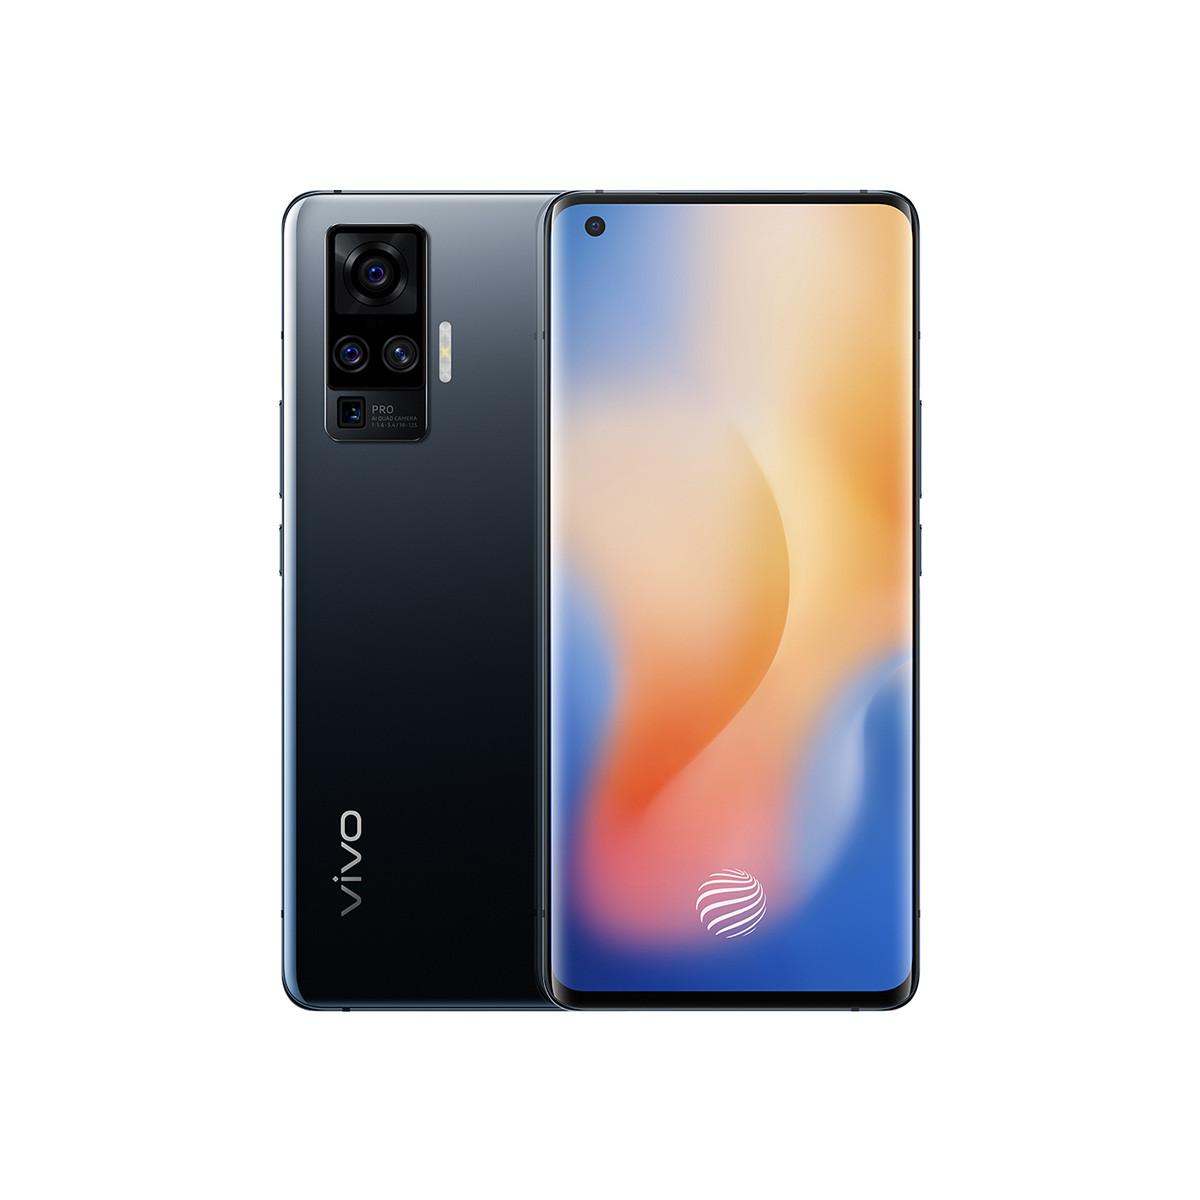 vivo【新品上市】vivo X50 Pro 超感光微云台5G双模大电池智能手机vivo X50 Pro 5G (8+128G)黑镜多套餐J